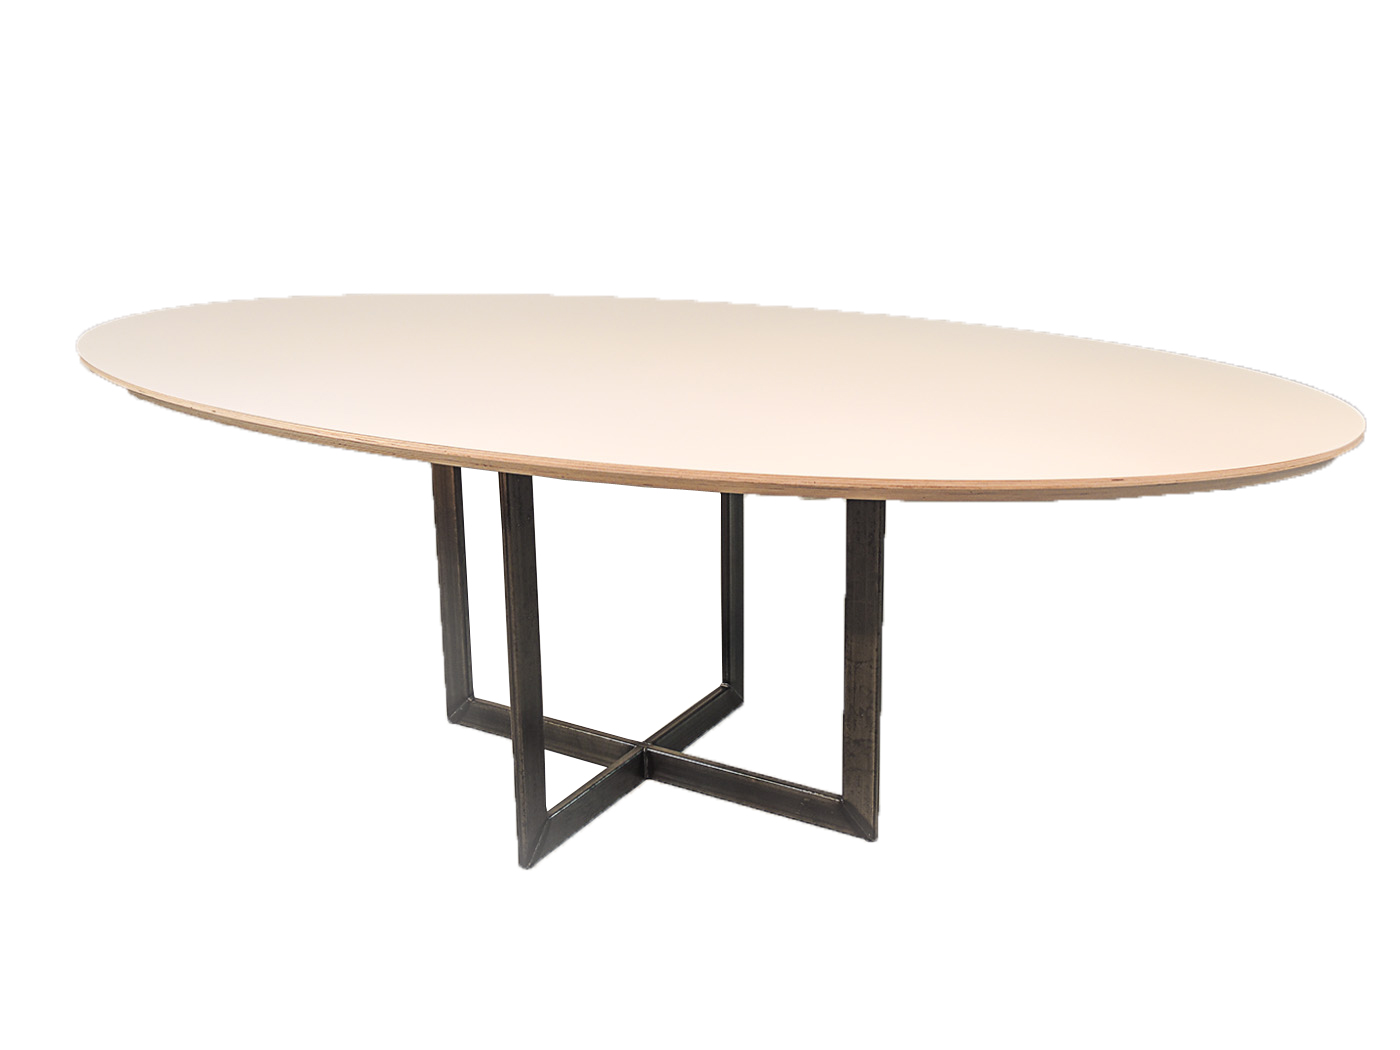 Eettafel Modern Wit.Palermo Witte Ovale Eettafel